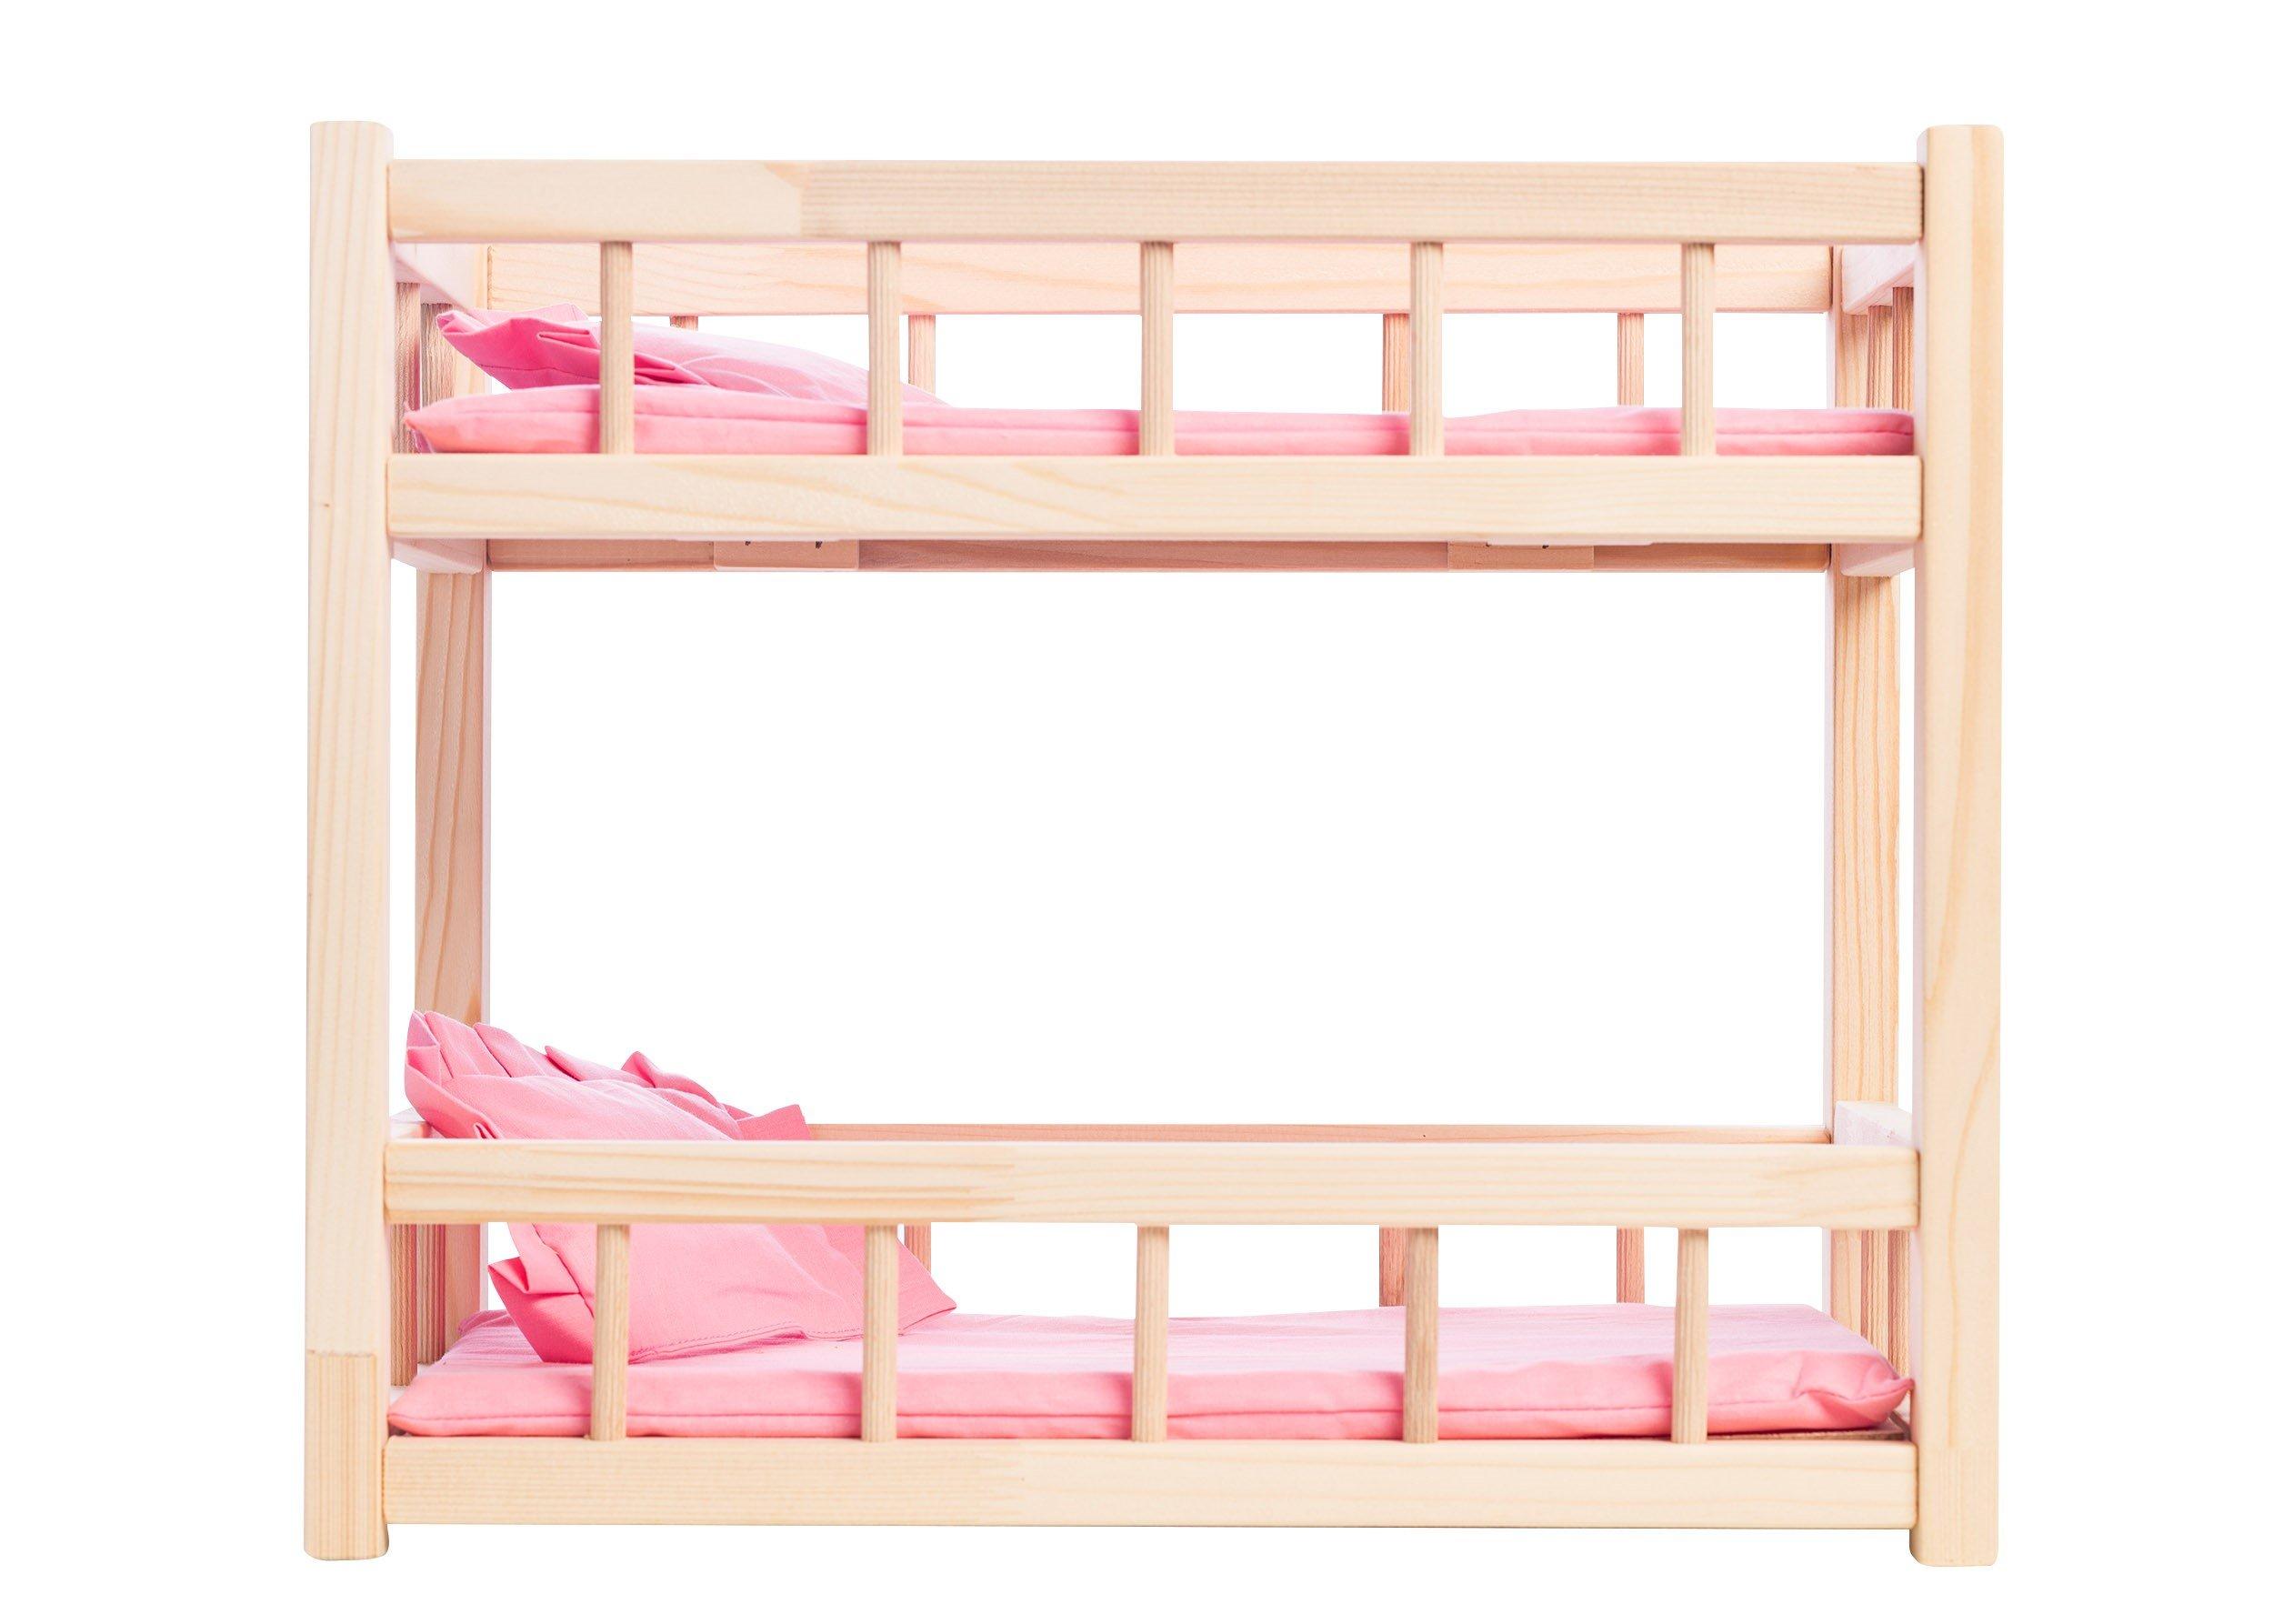 Letto A Castello Per Bambole.Ri926d983 House Of Toys Letto A Castello Per Bambole Amazon